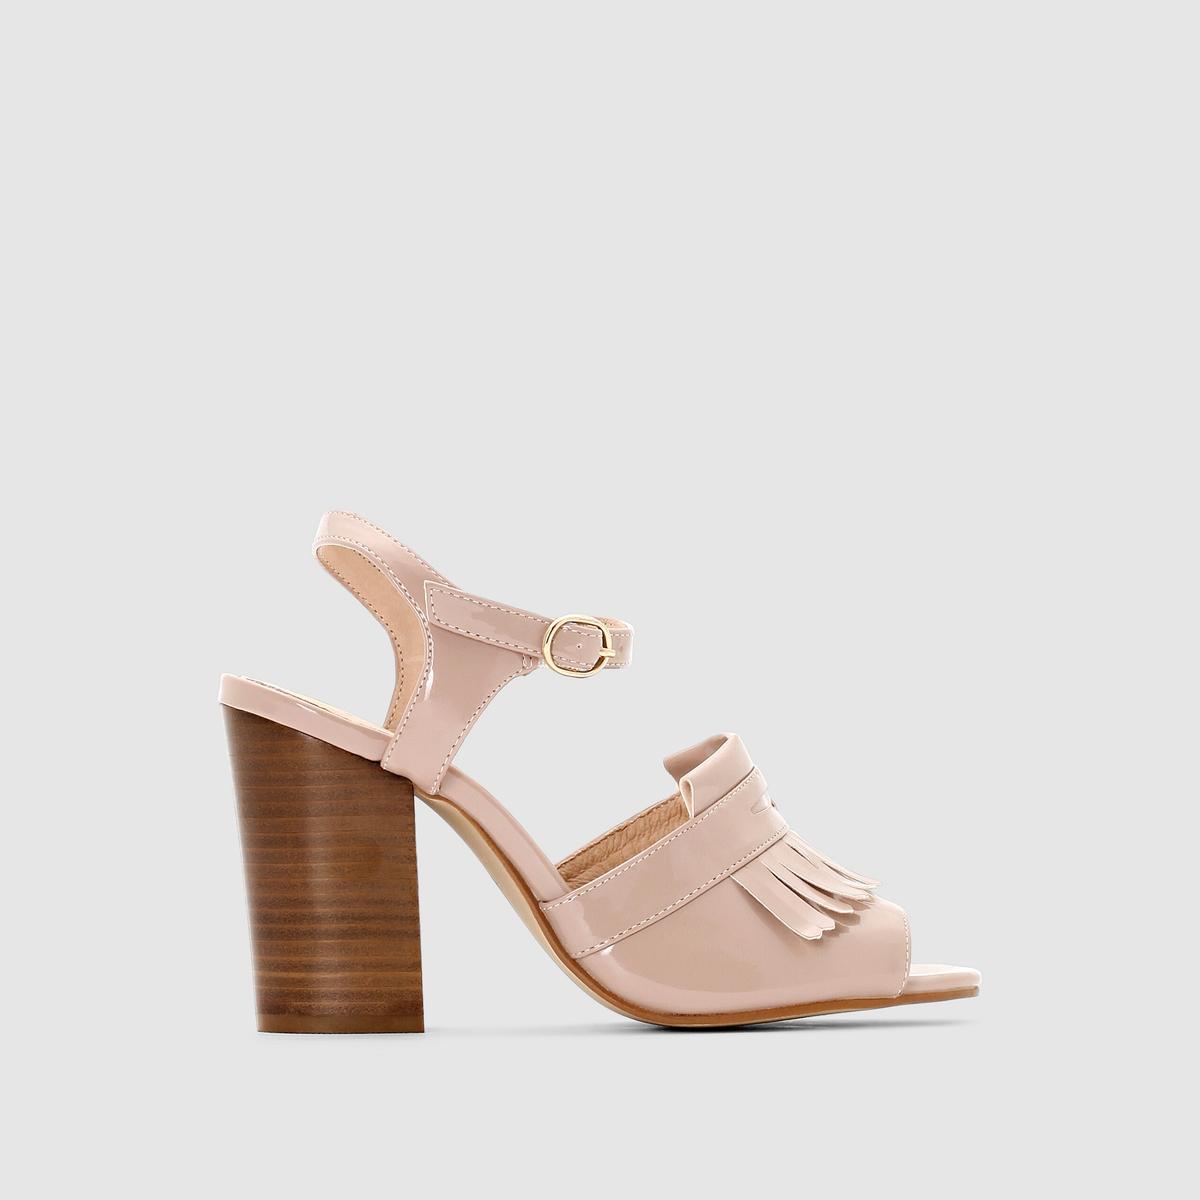 Босоножки на высоком каблуке MADEMOISELLE RОцените комфорт и стильную бахрому модели. Застежка на ремешок.<br><br>Цвет: розовый<br>Размер: 35